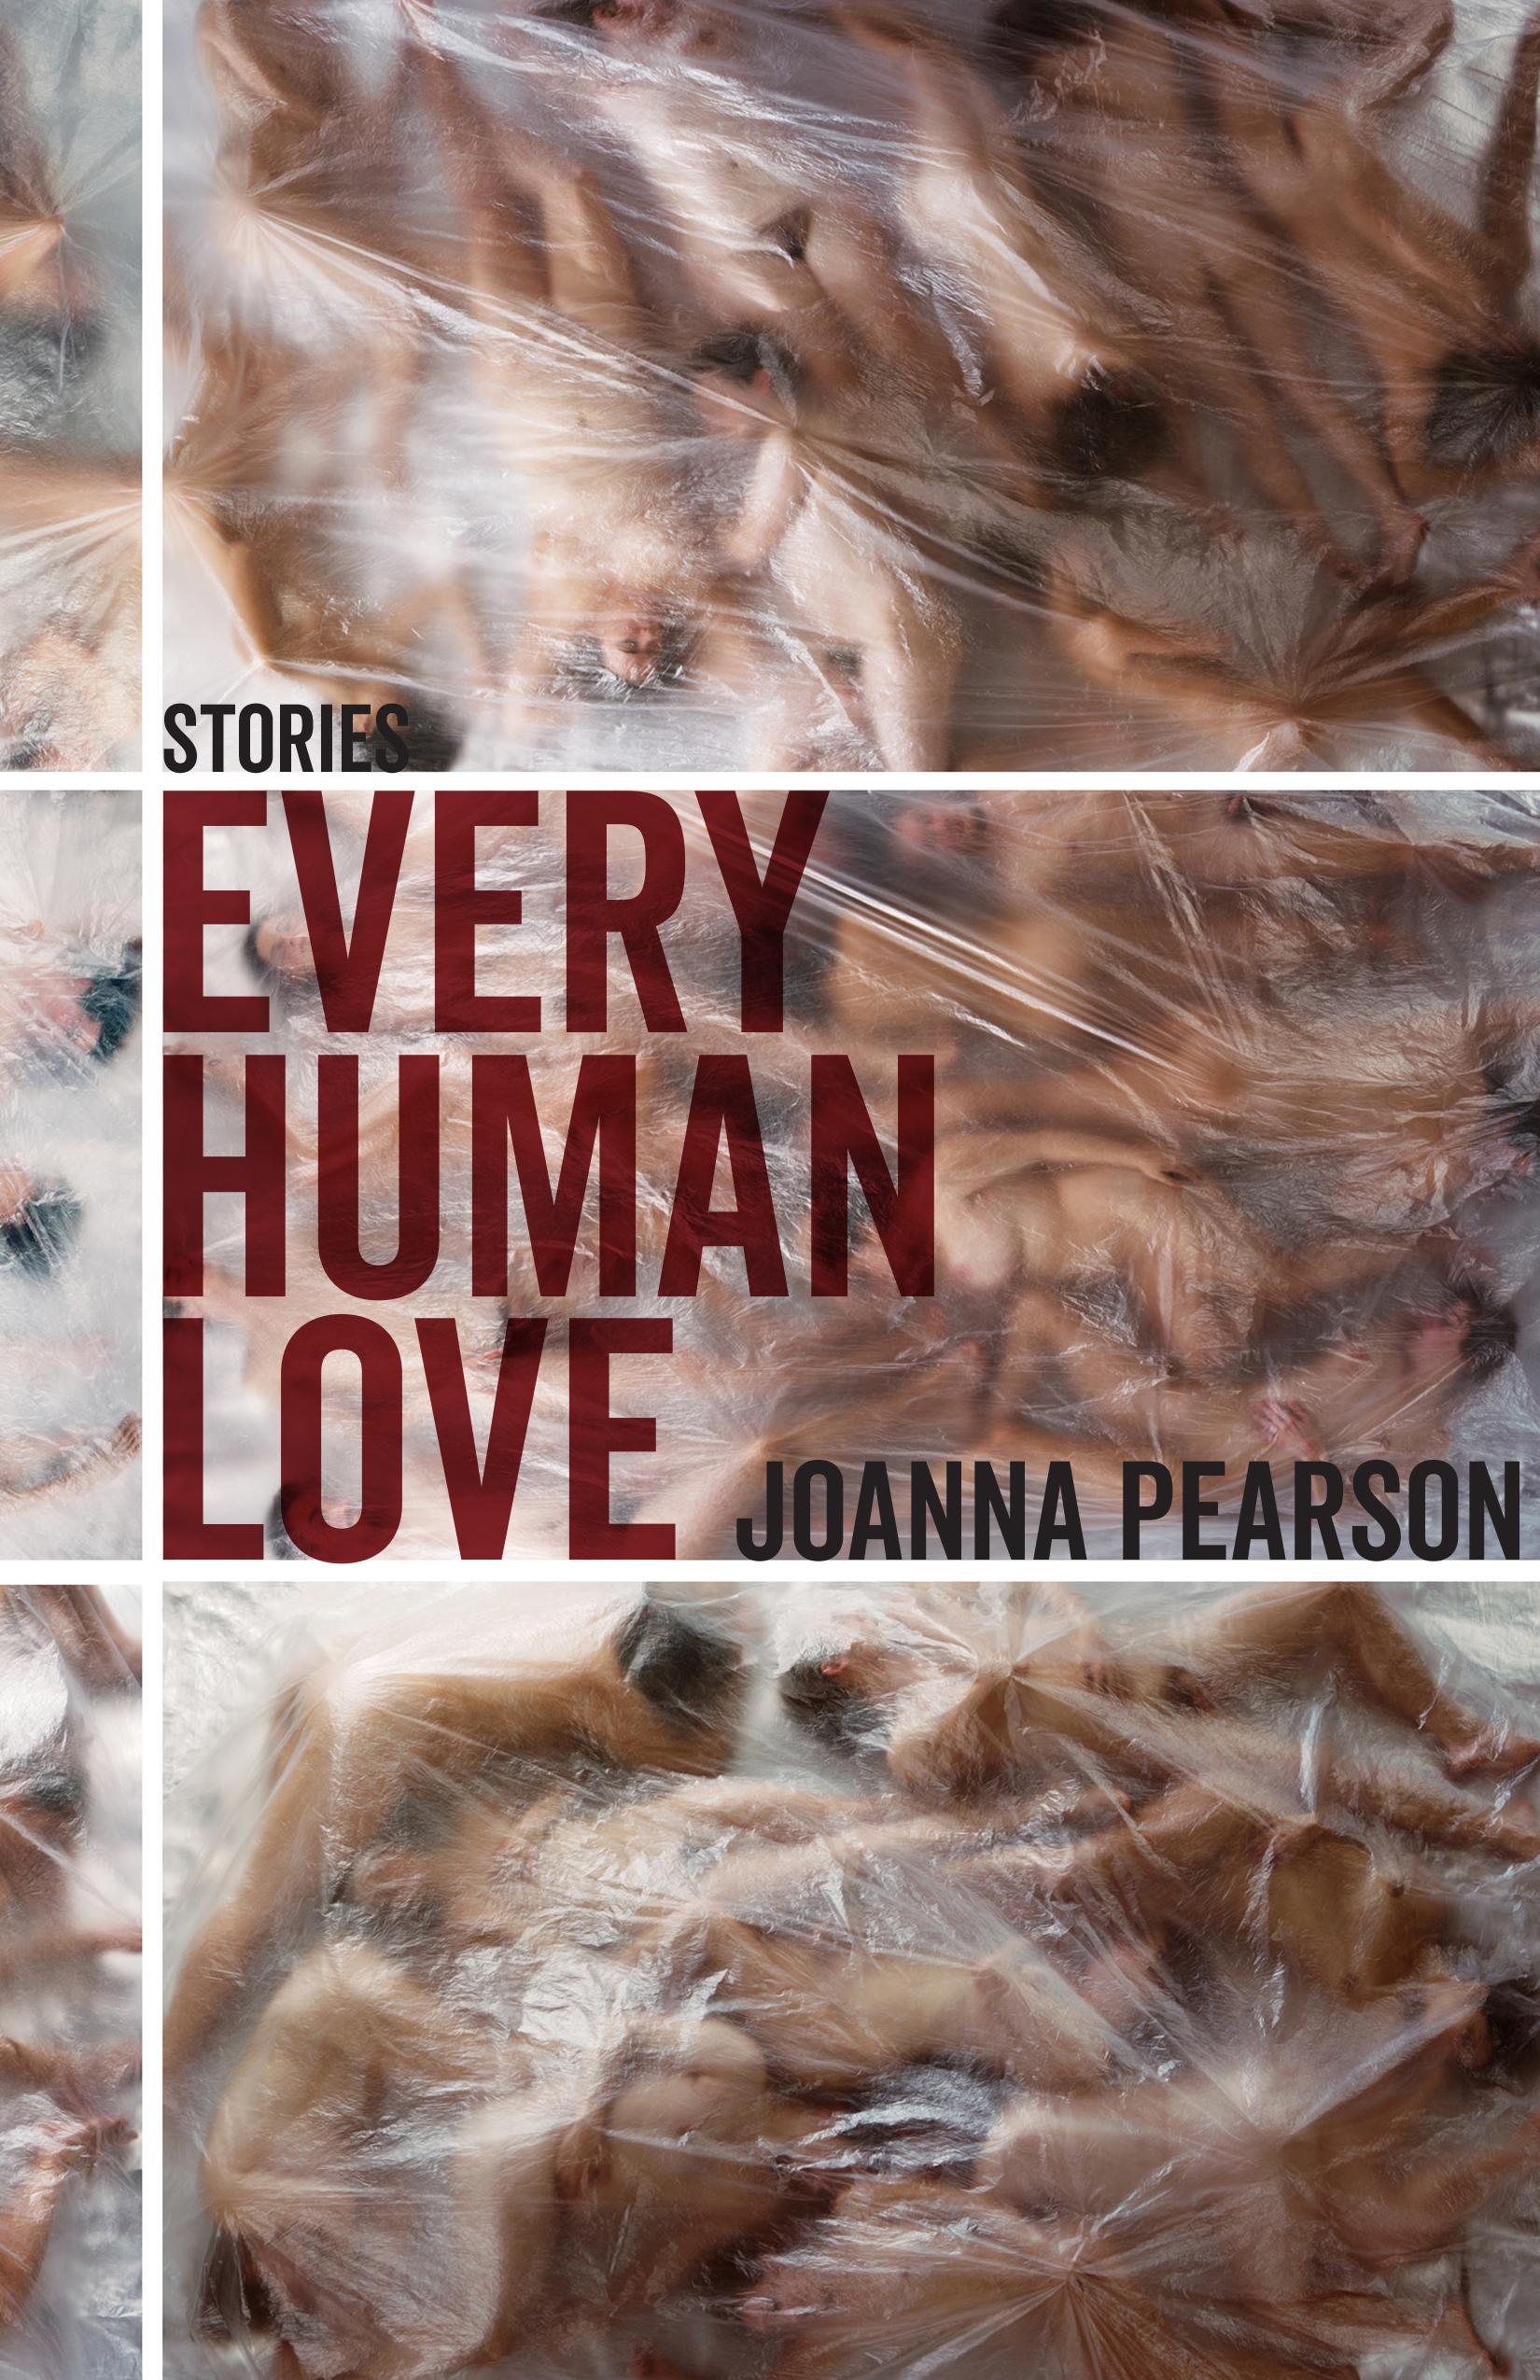 joanna pearson | author website